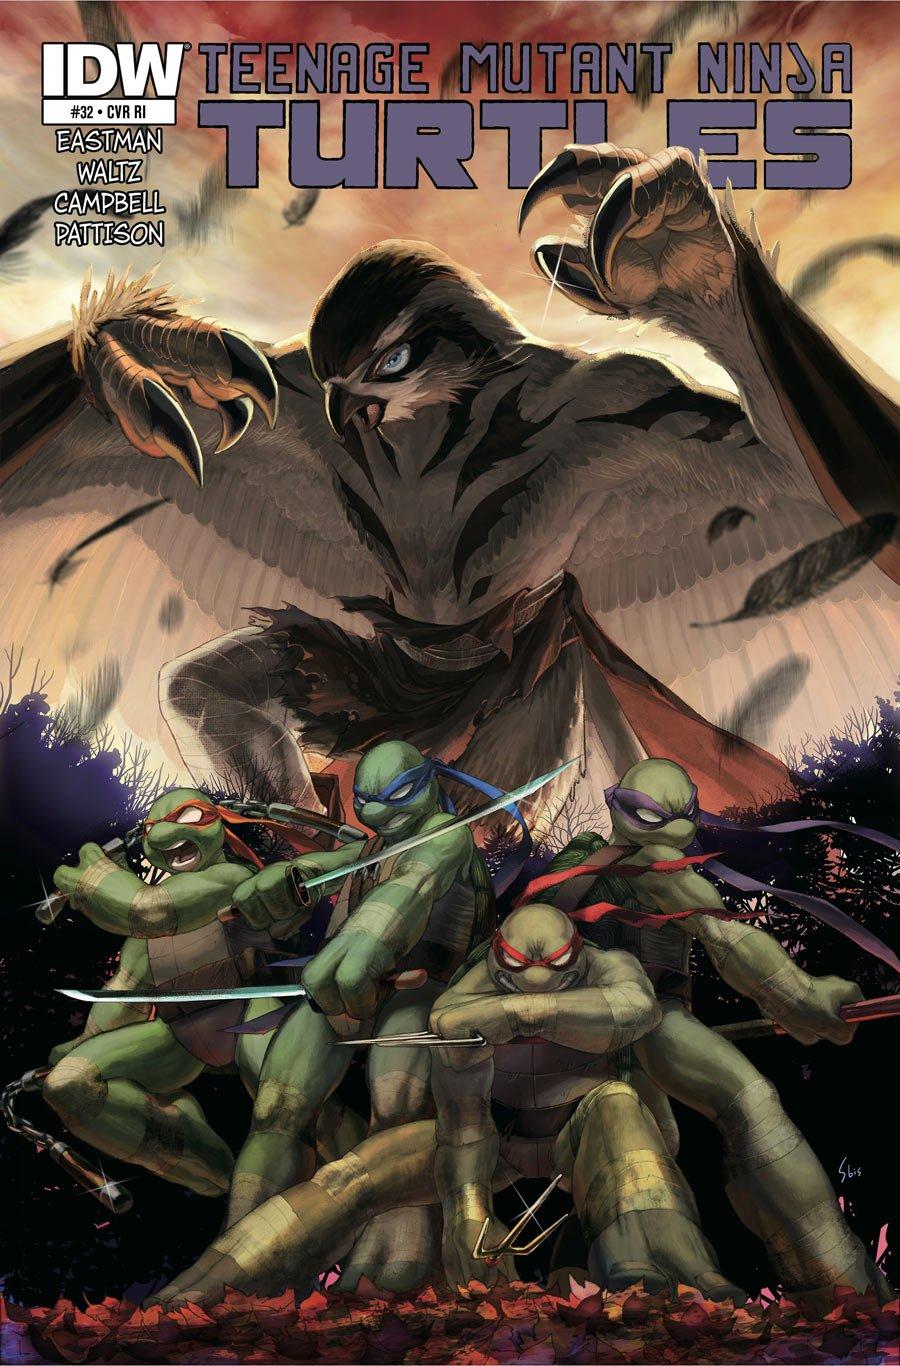 Панцирь как рубашки: история черепашек-ниндзя - Изображение 9